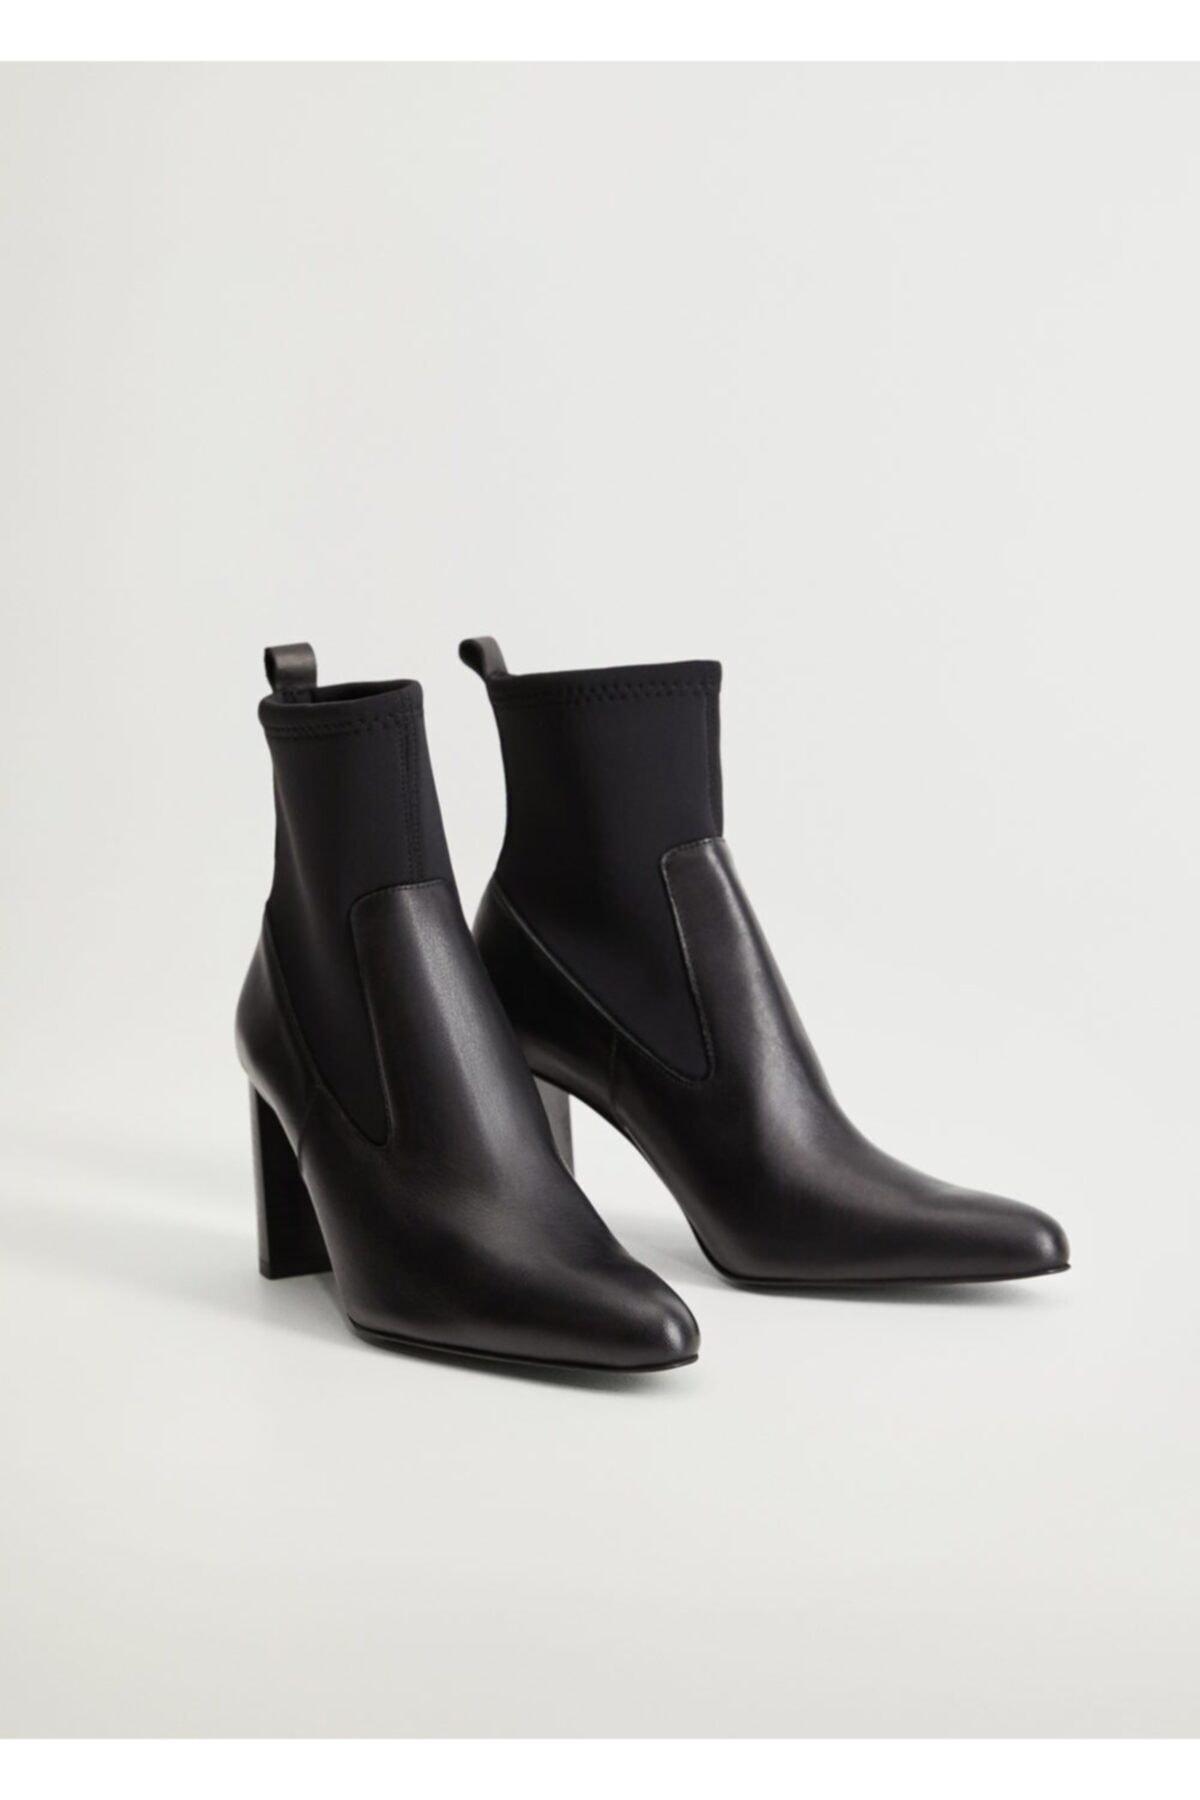 Violeta by MANGO Kadın Siyah Deri Çorap Bot 77092003 1